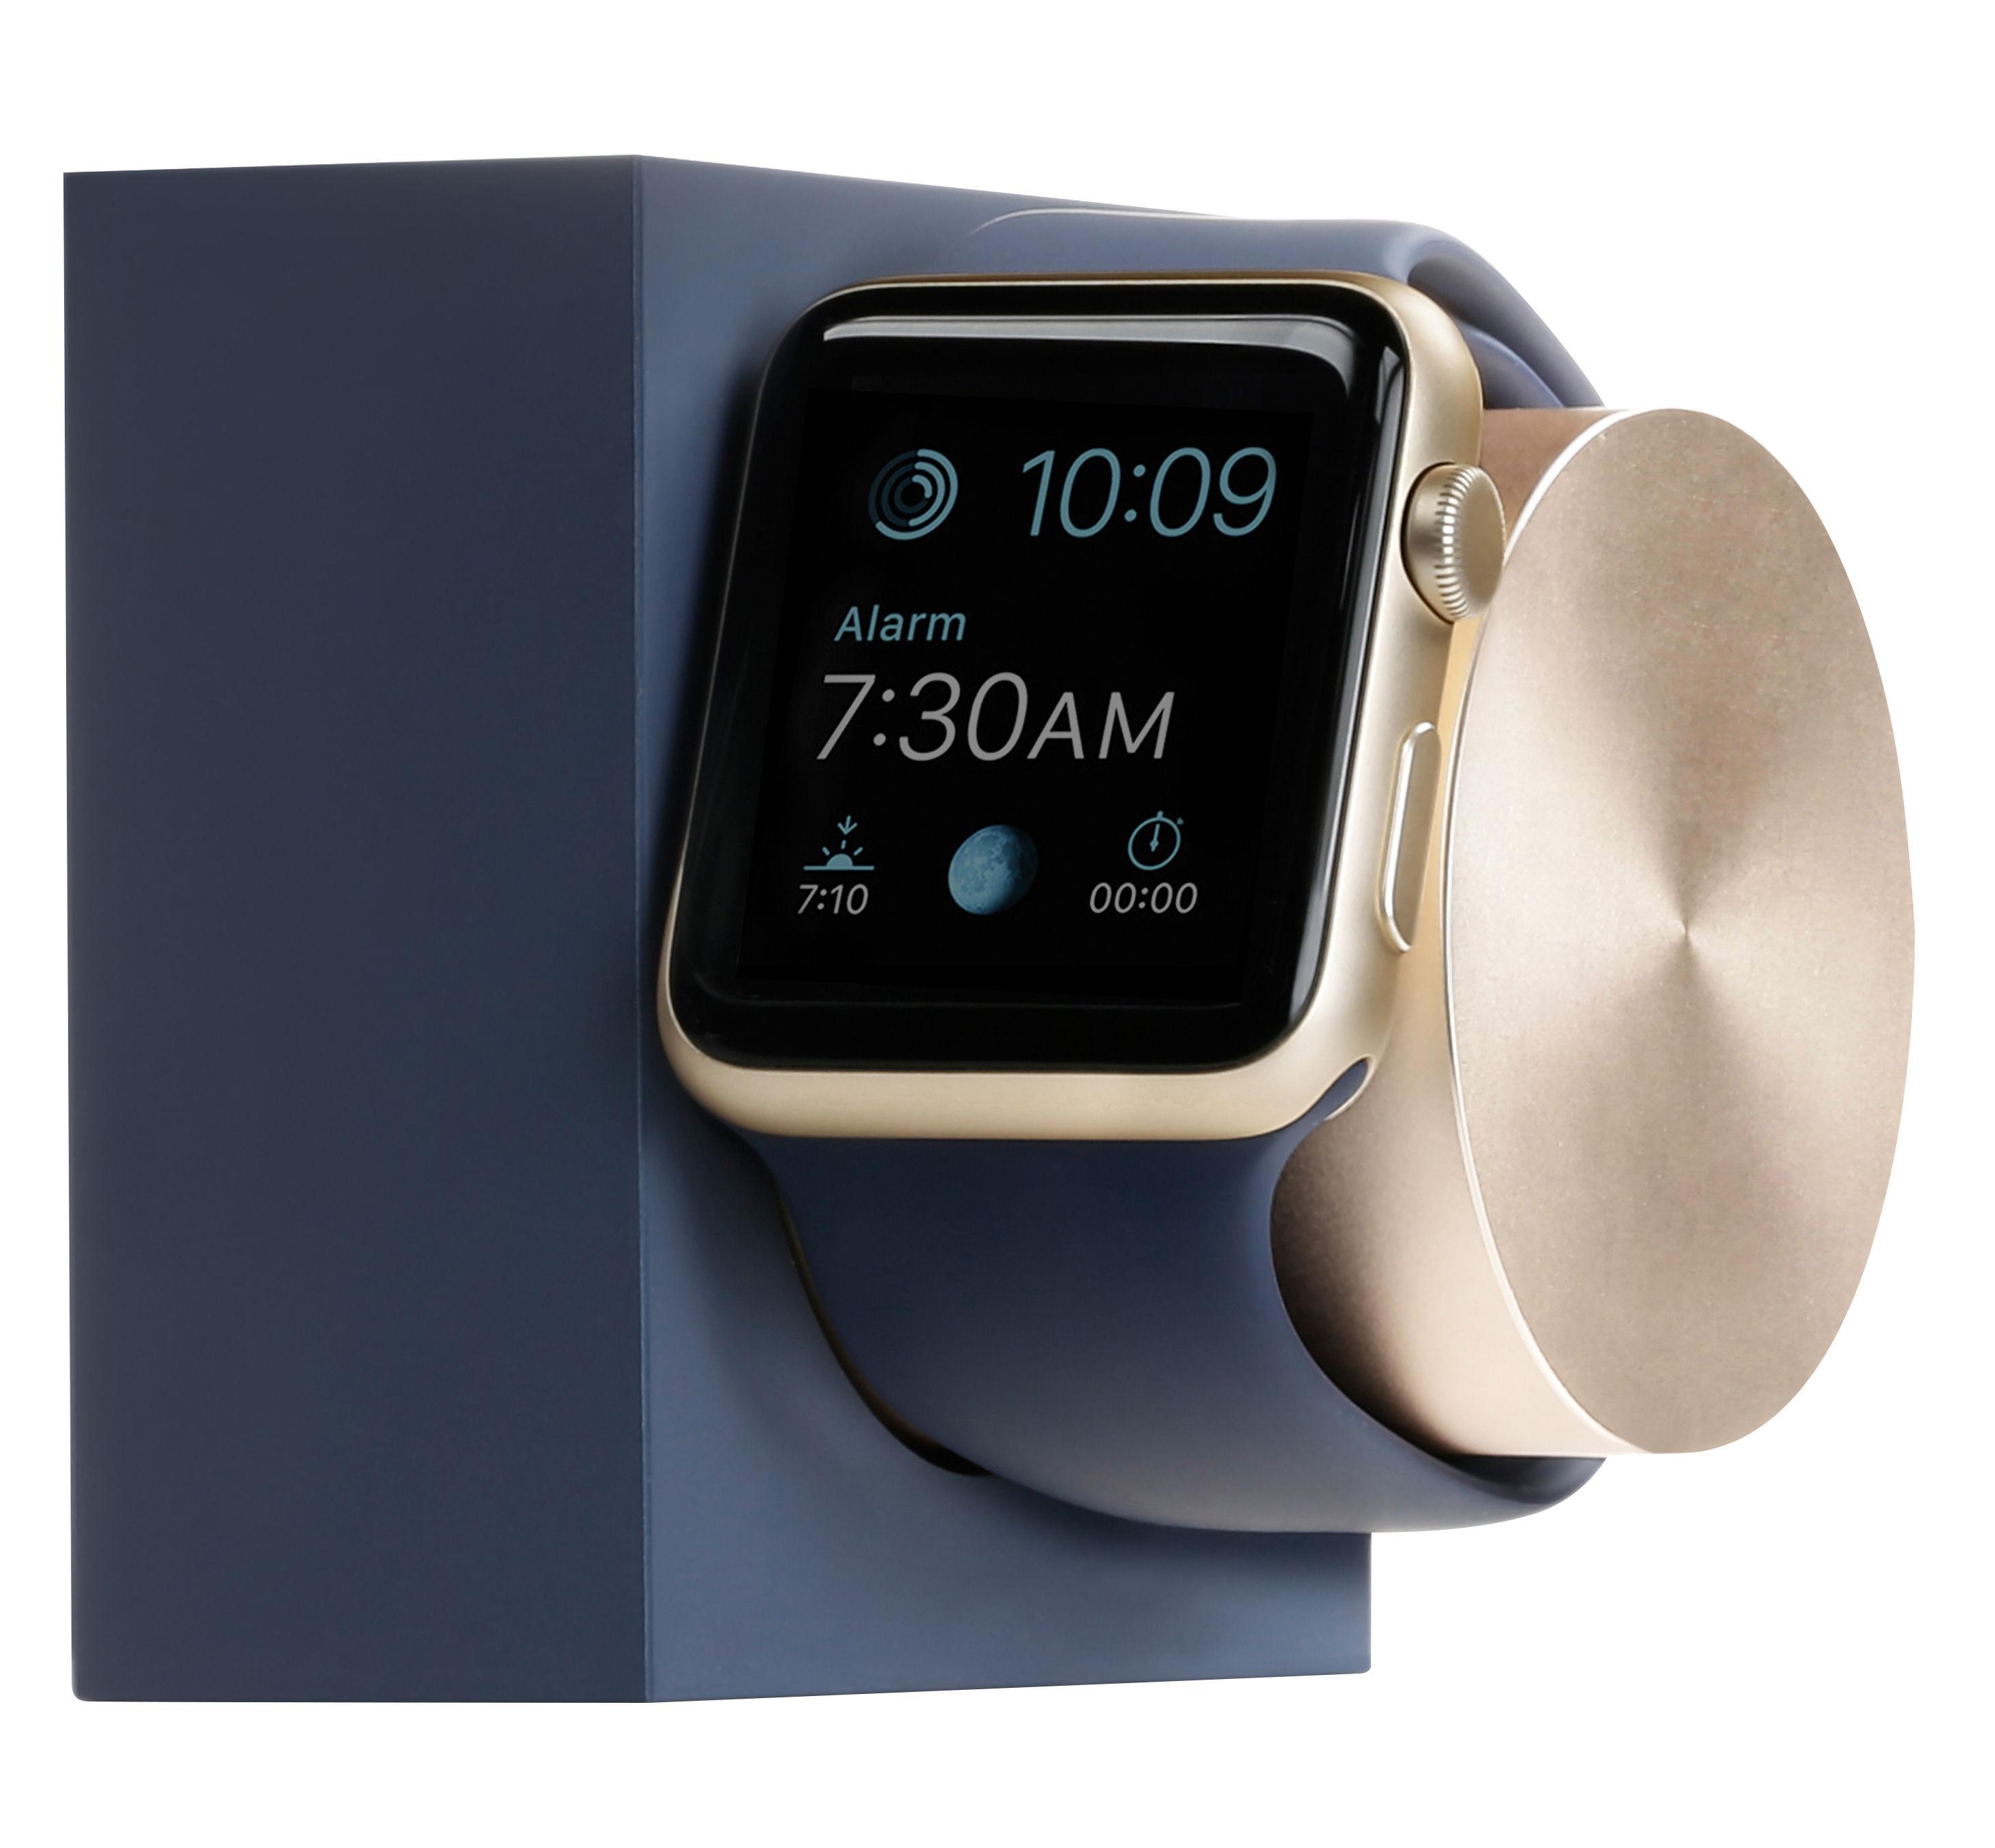 Accessoires - Objets connectés, accessoires high tech - Station d'accueil pour Apple Watch - Native Union - Bleu / Métal doré - Alliage de zinc, Aluminium, Silicone